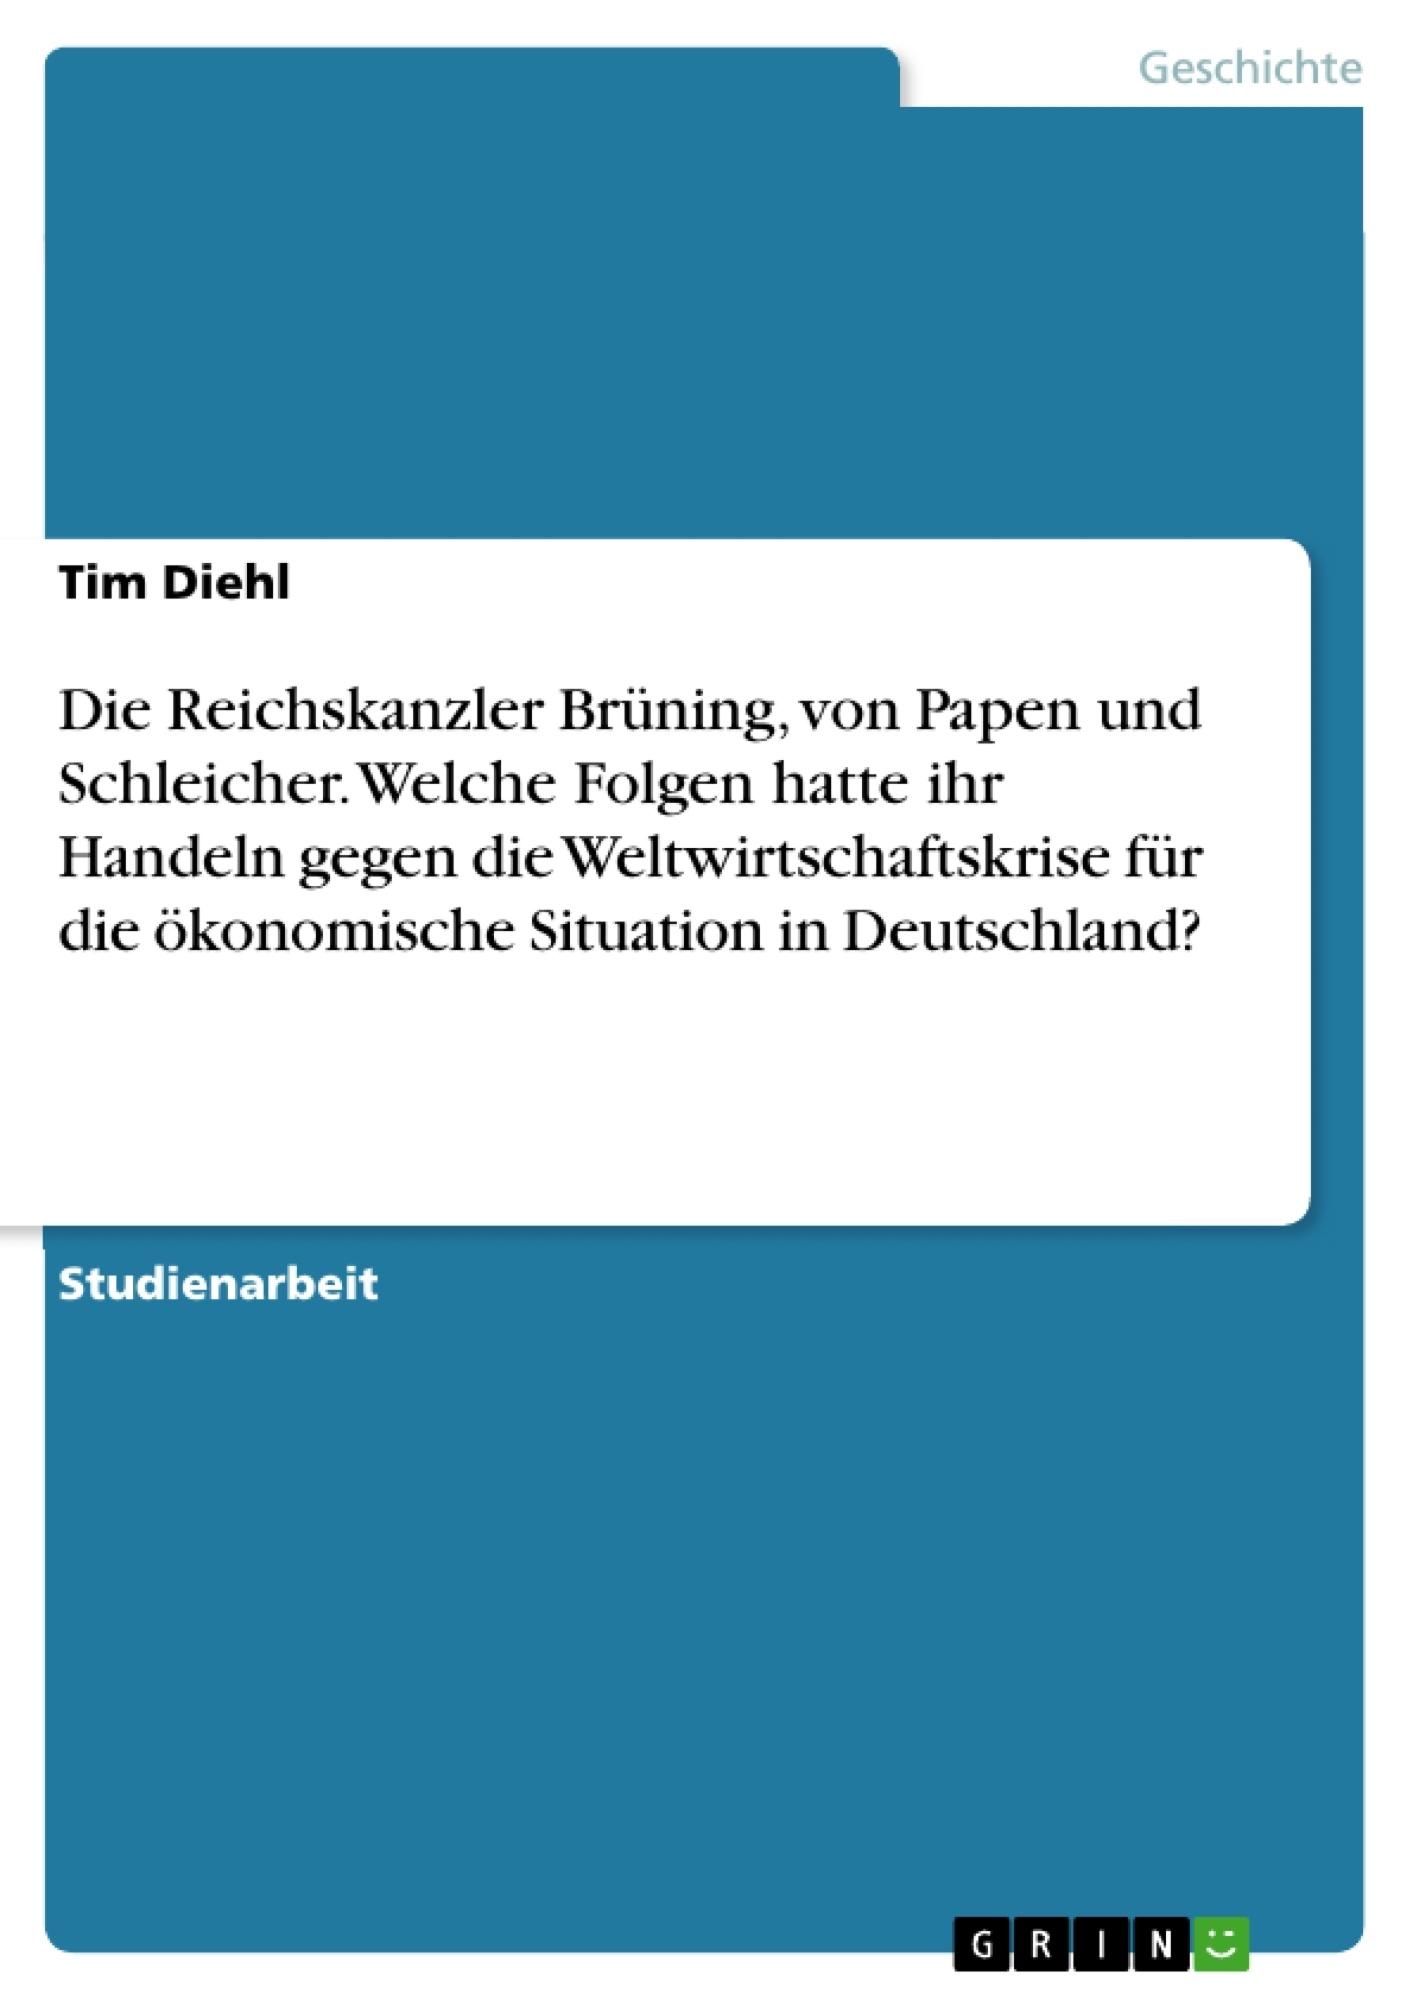 Titel: Die Reichskanzler Brüning, von Papen und Schleicher. Welche Folgen hatte ihr Handeln gegen die Weltwirtschaftskrise für die ökonomische Situation in Deutschland?